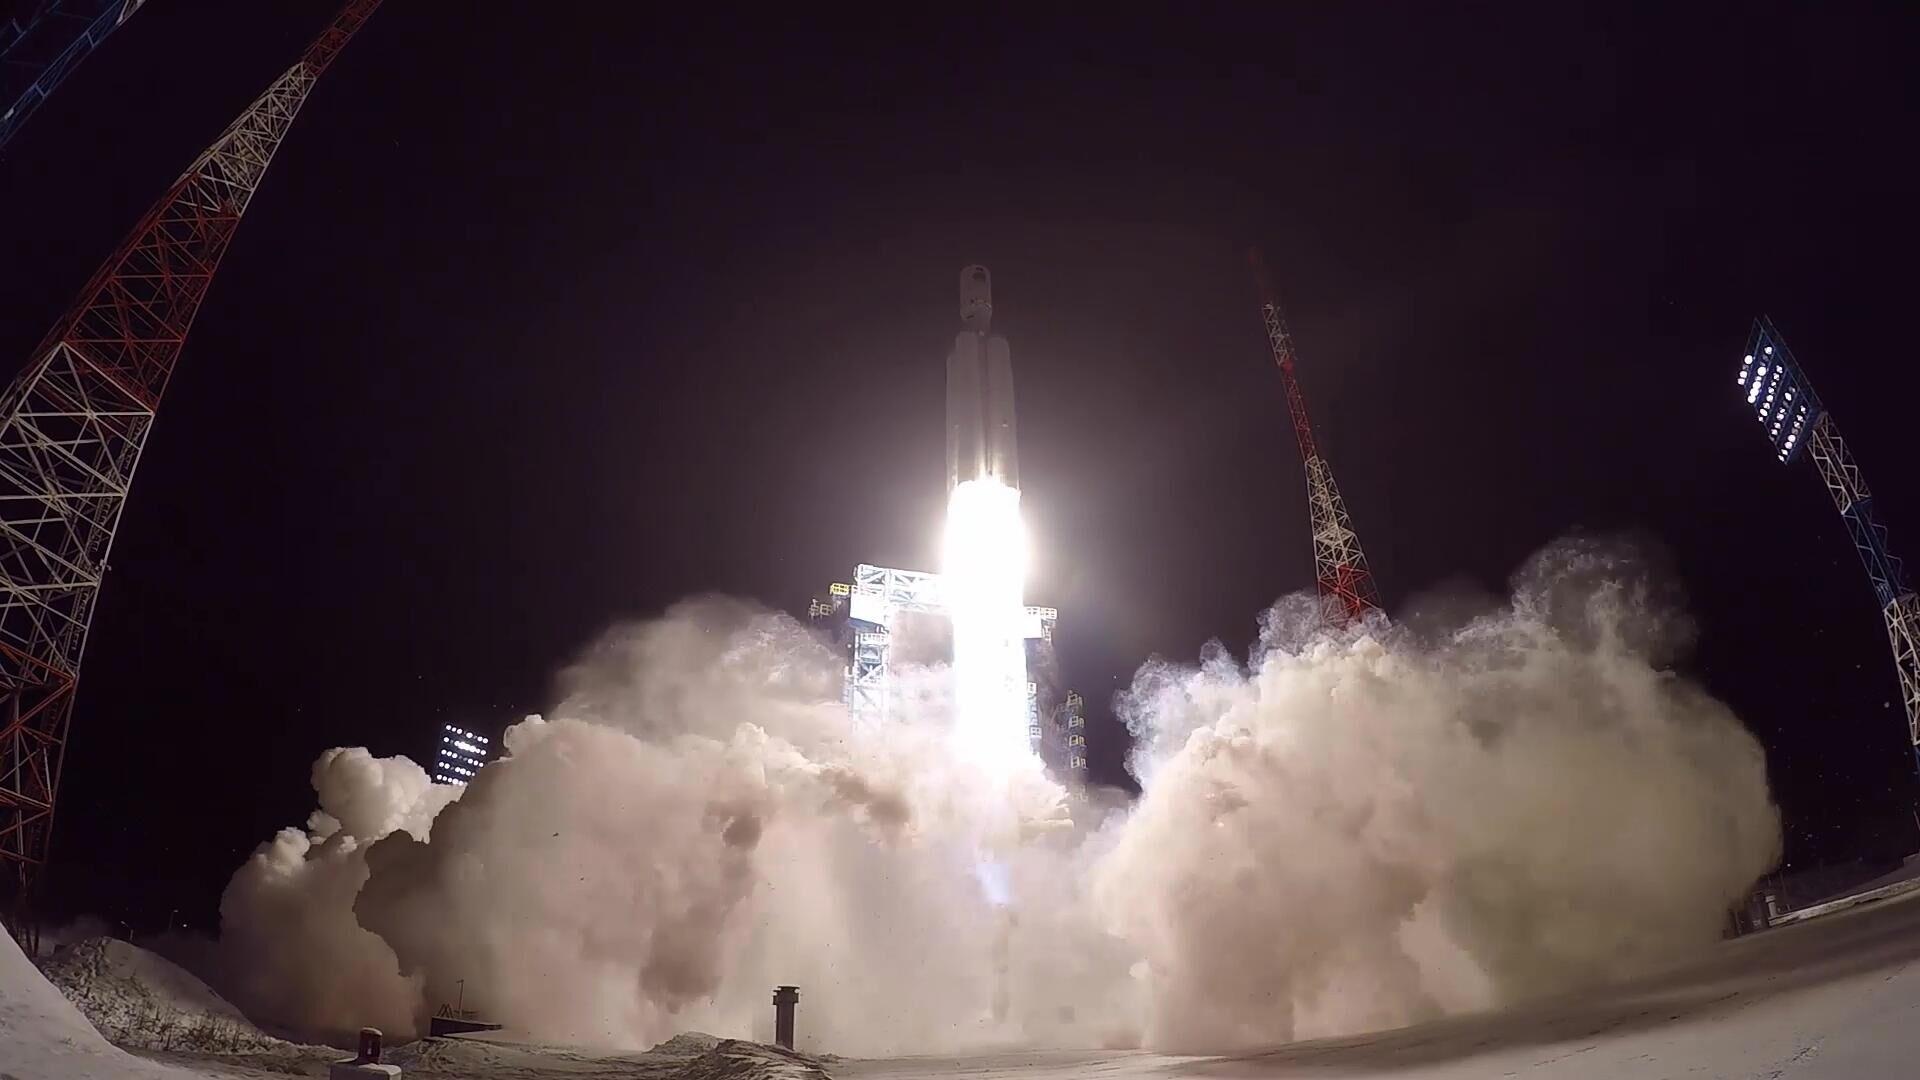 Запуск тяжелой ракеты-носителя Ангара-5 с разгонным блоком Бриз-М с макетом спутника на космодроме Плесецк. Стоп-кадр видео - РИА Новости, 1920, 20.02.2021